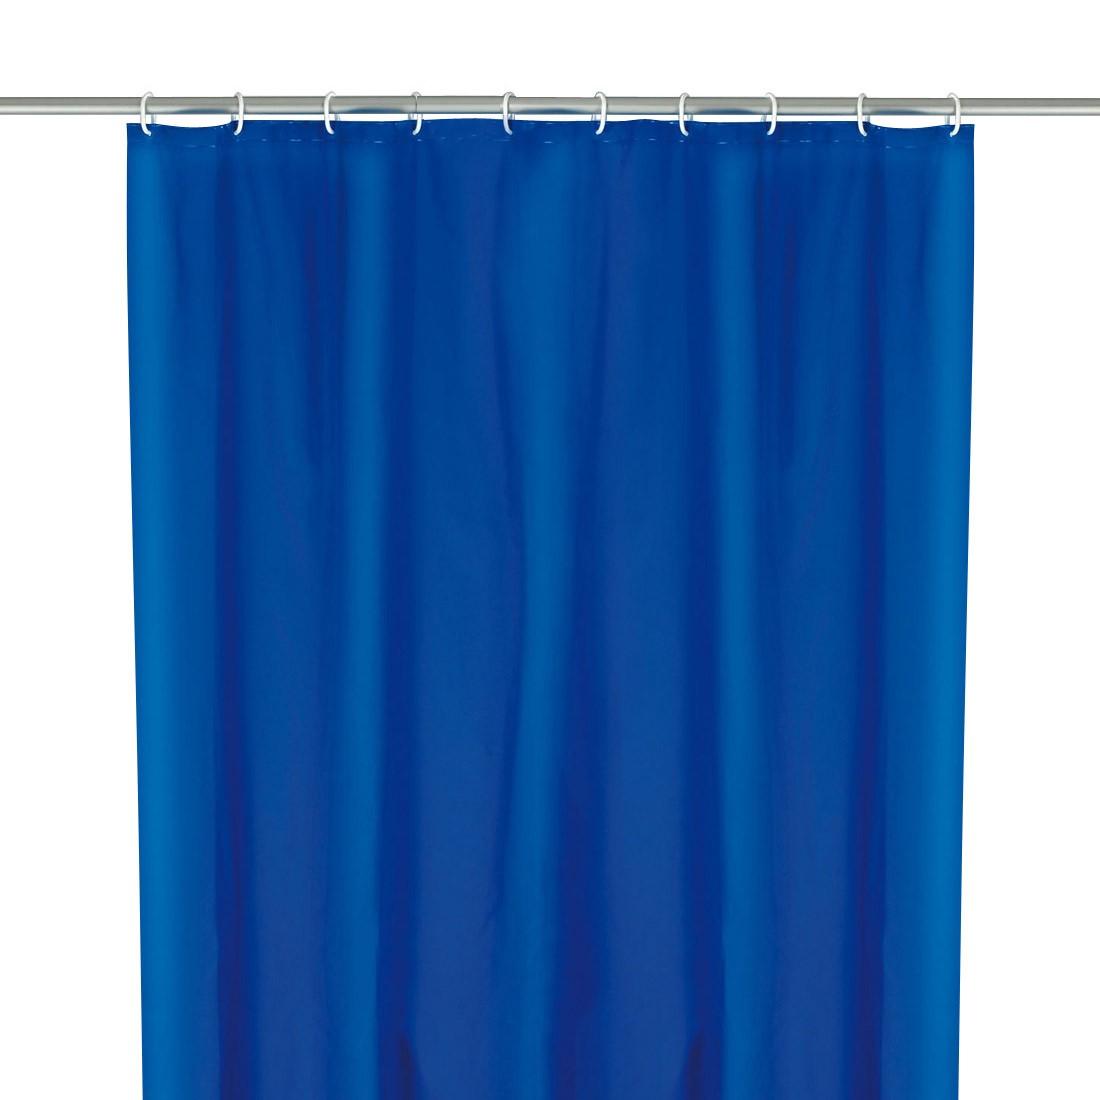 Home 24 - Rideau de douche - coloris bleu nuit, wenko